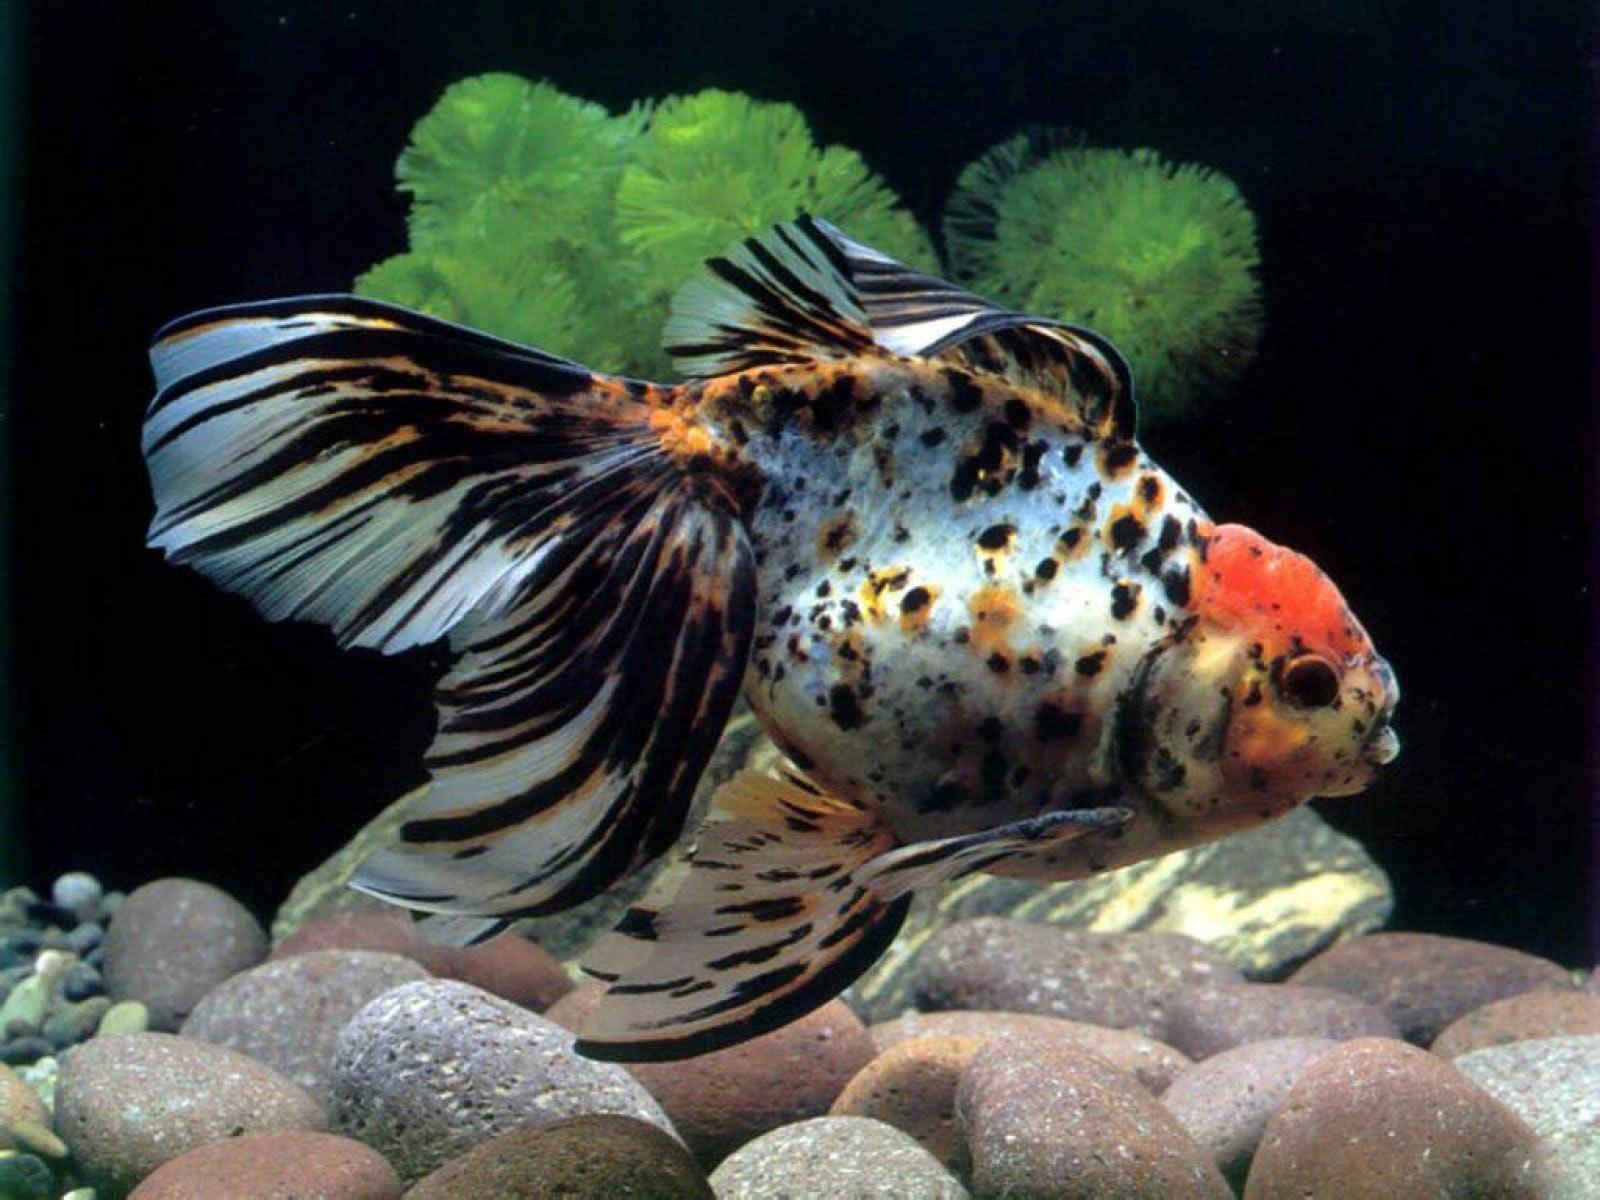 aquarium fish Wallpaper High Quality WallpapersWallpaper Desktop 1600x1200